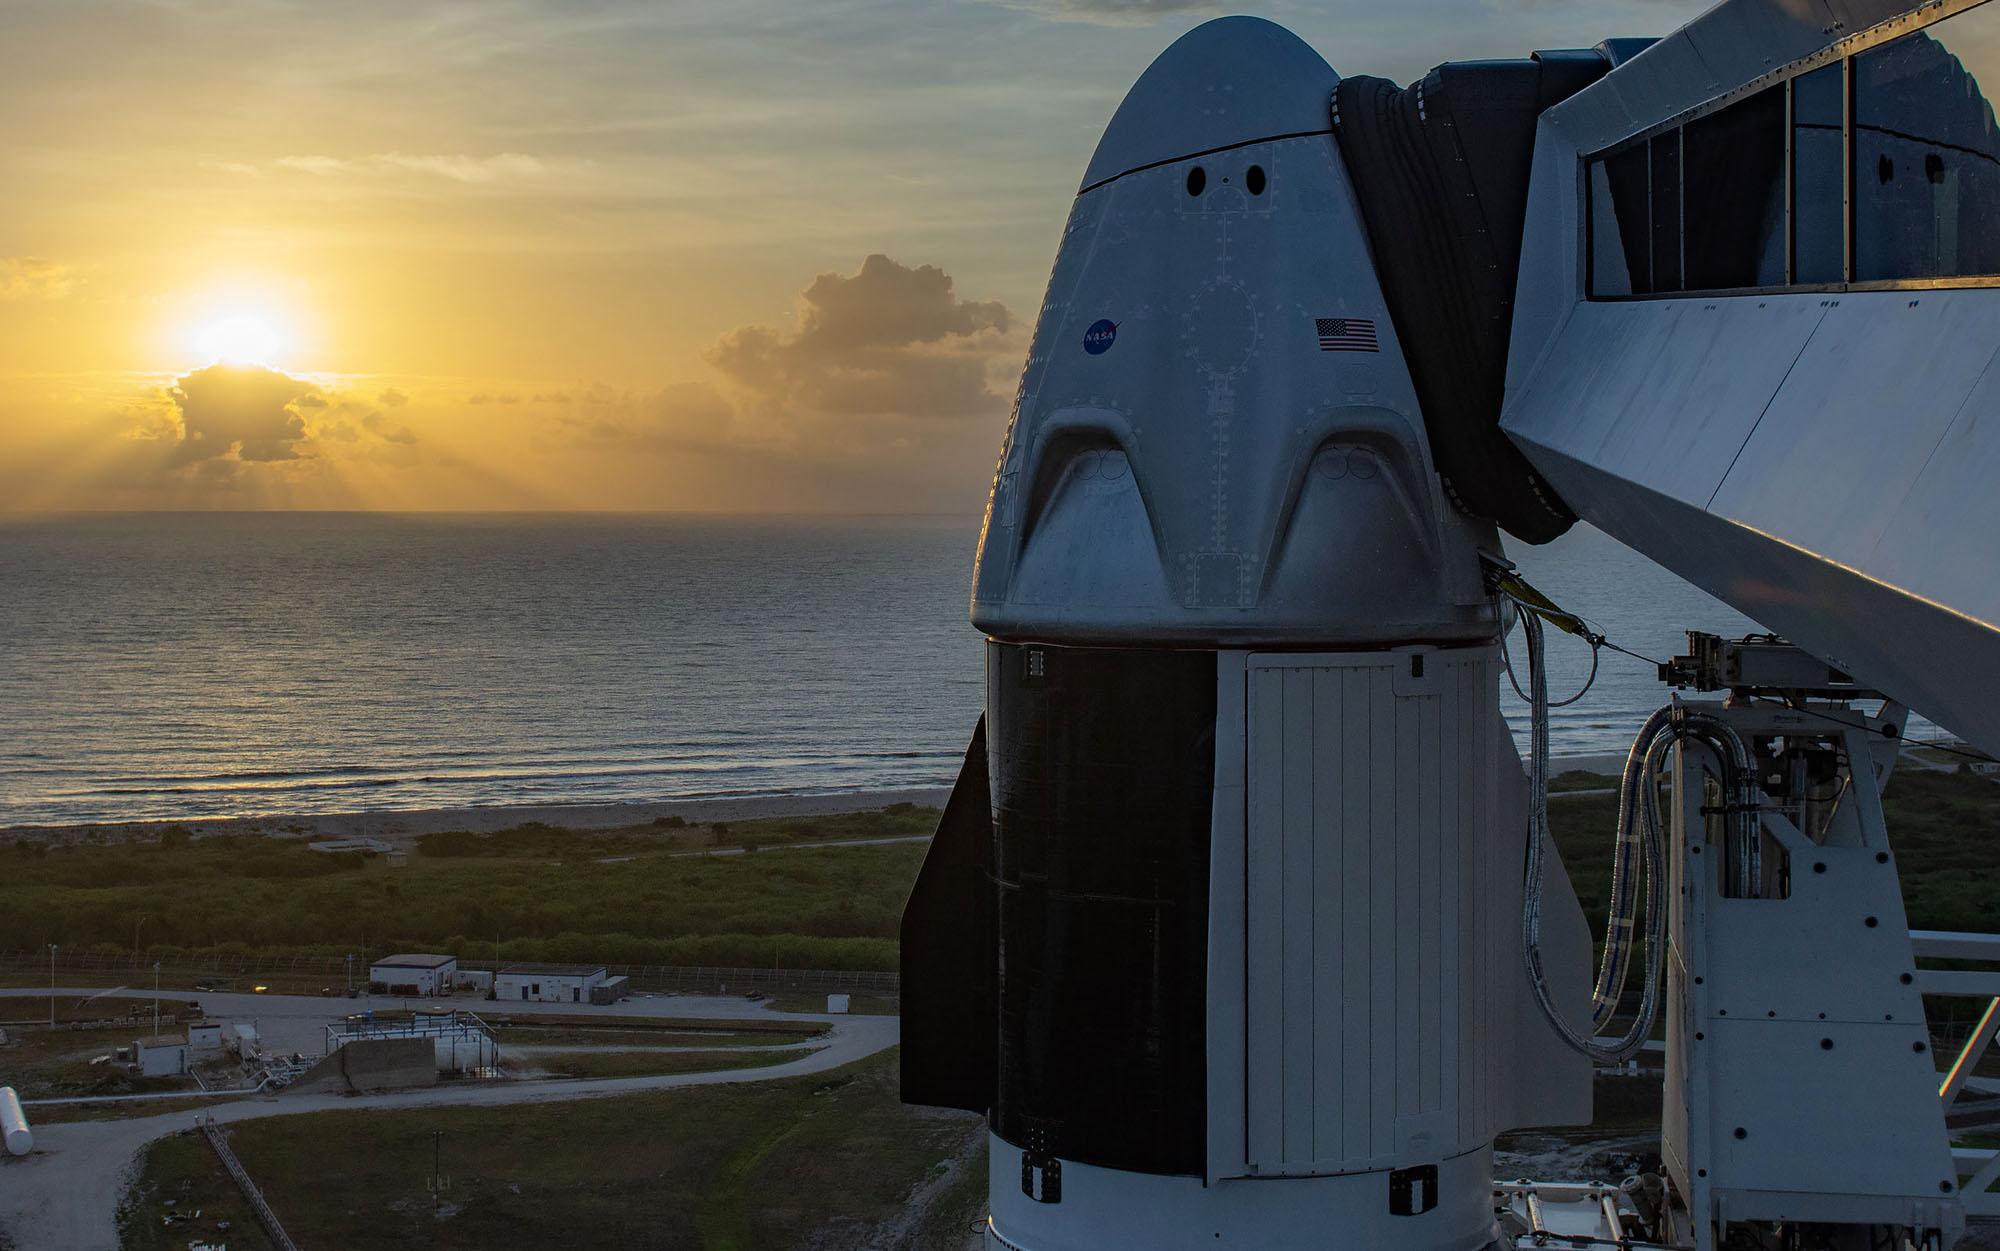 A expectativa era muito grande para que, caso tudo ocorra bem, os EUA voltem a enviar astronautas para o espaço sem bases de foguetes russas